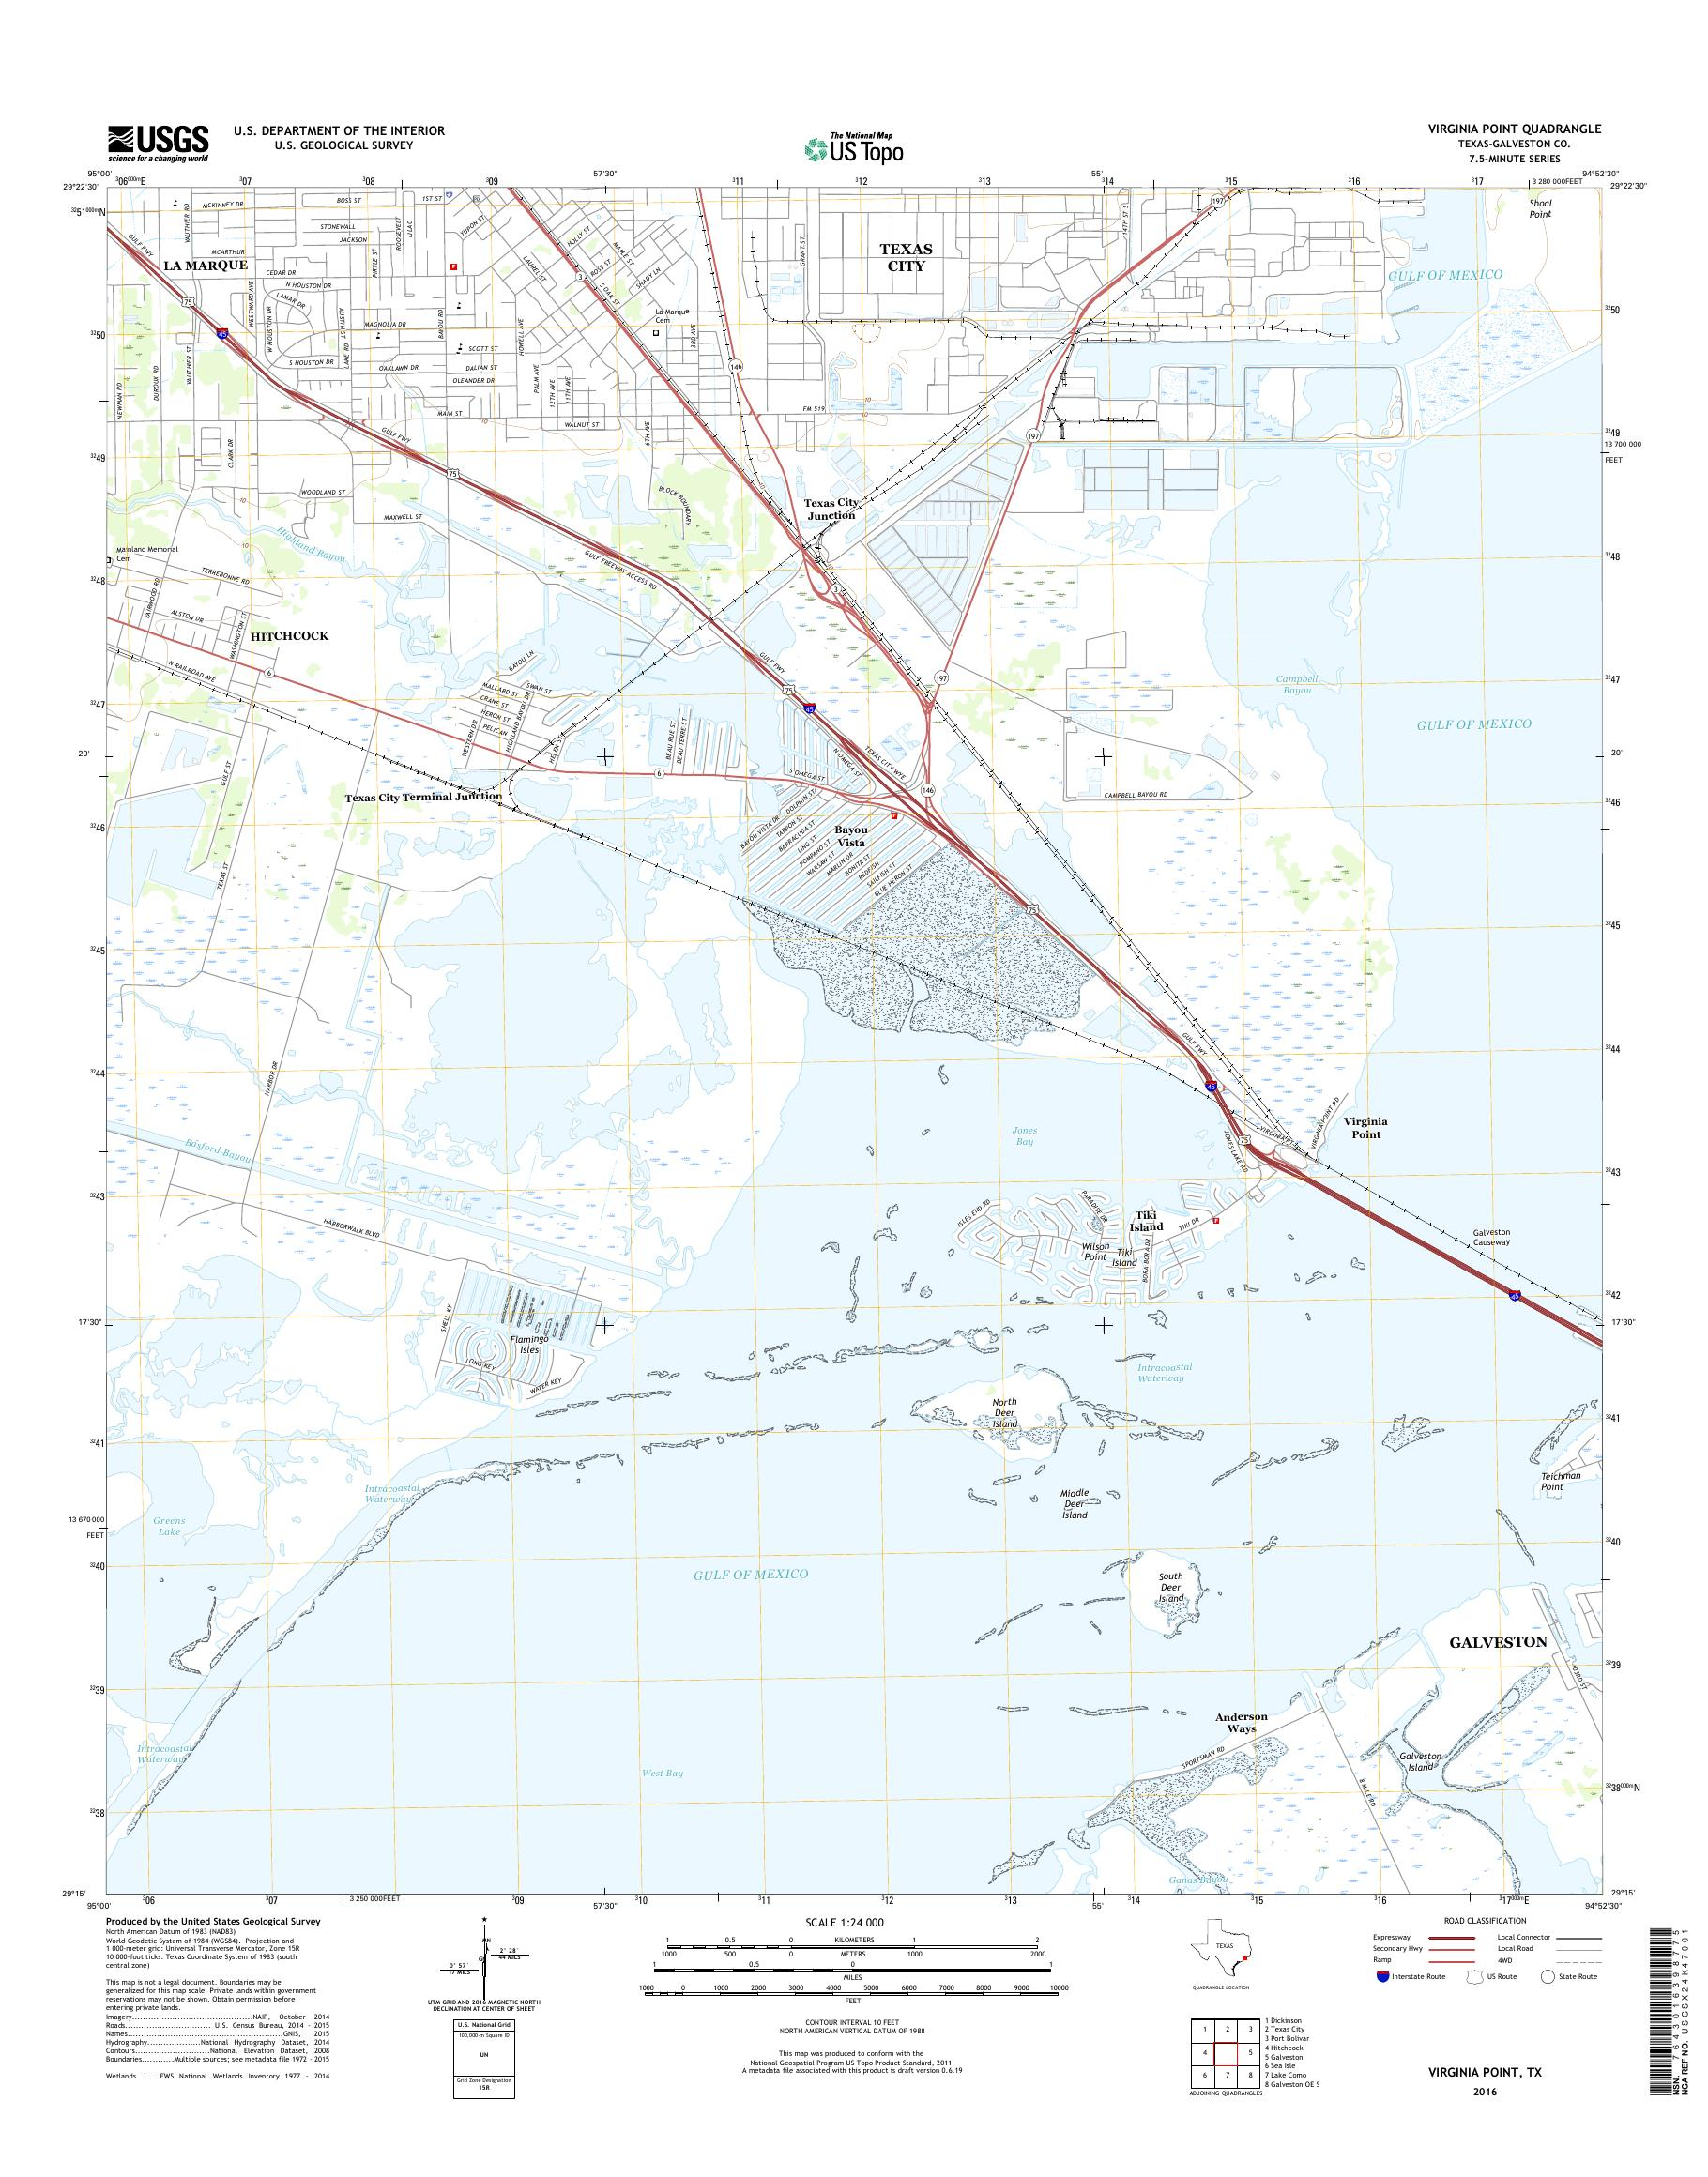 MyTopo Virginia Point, Texas USGS Quad Topo Map on